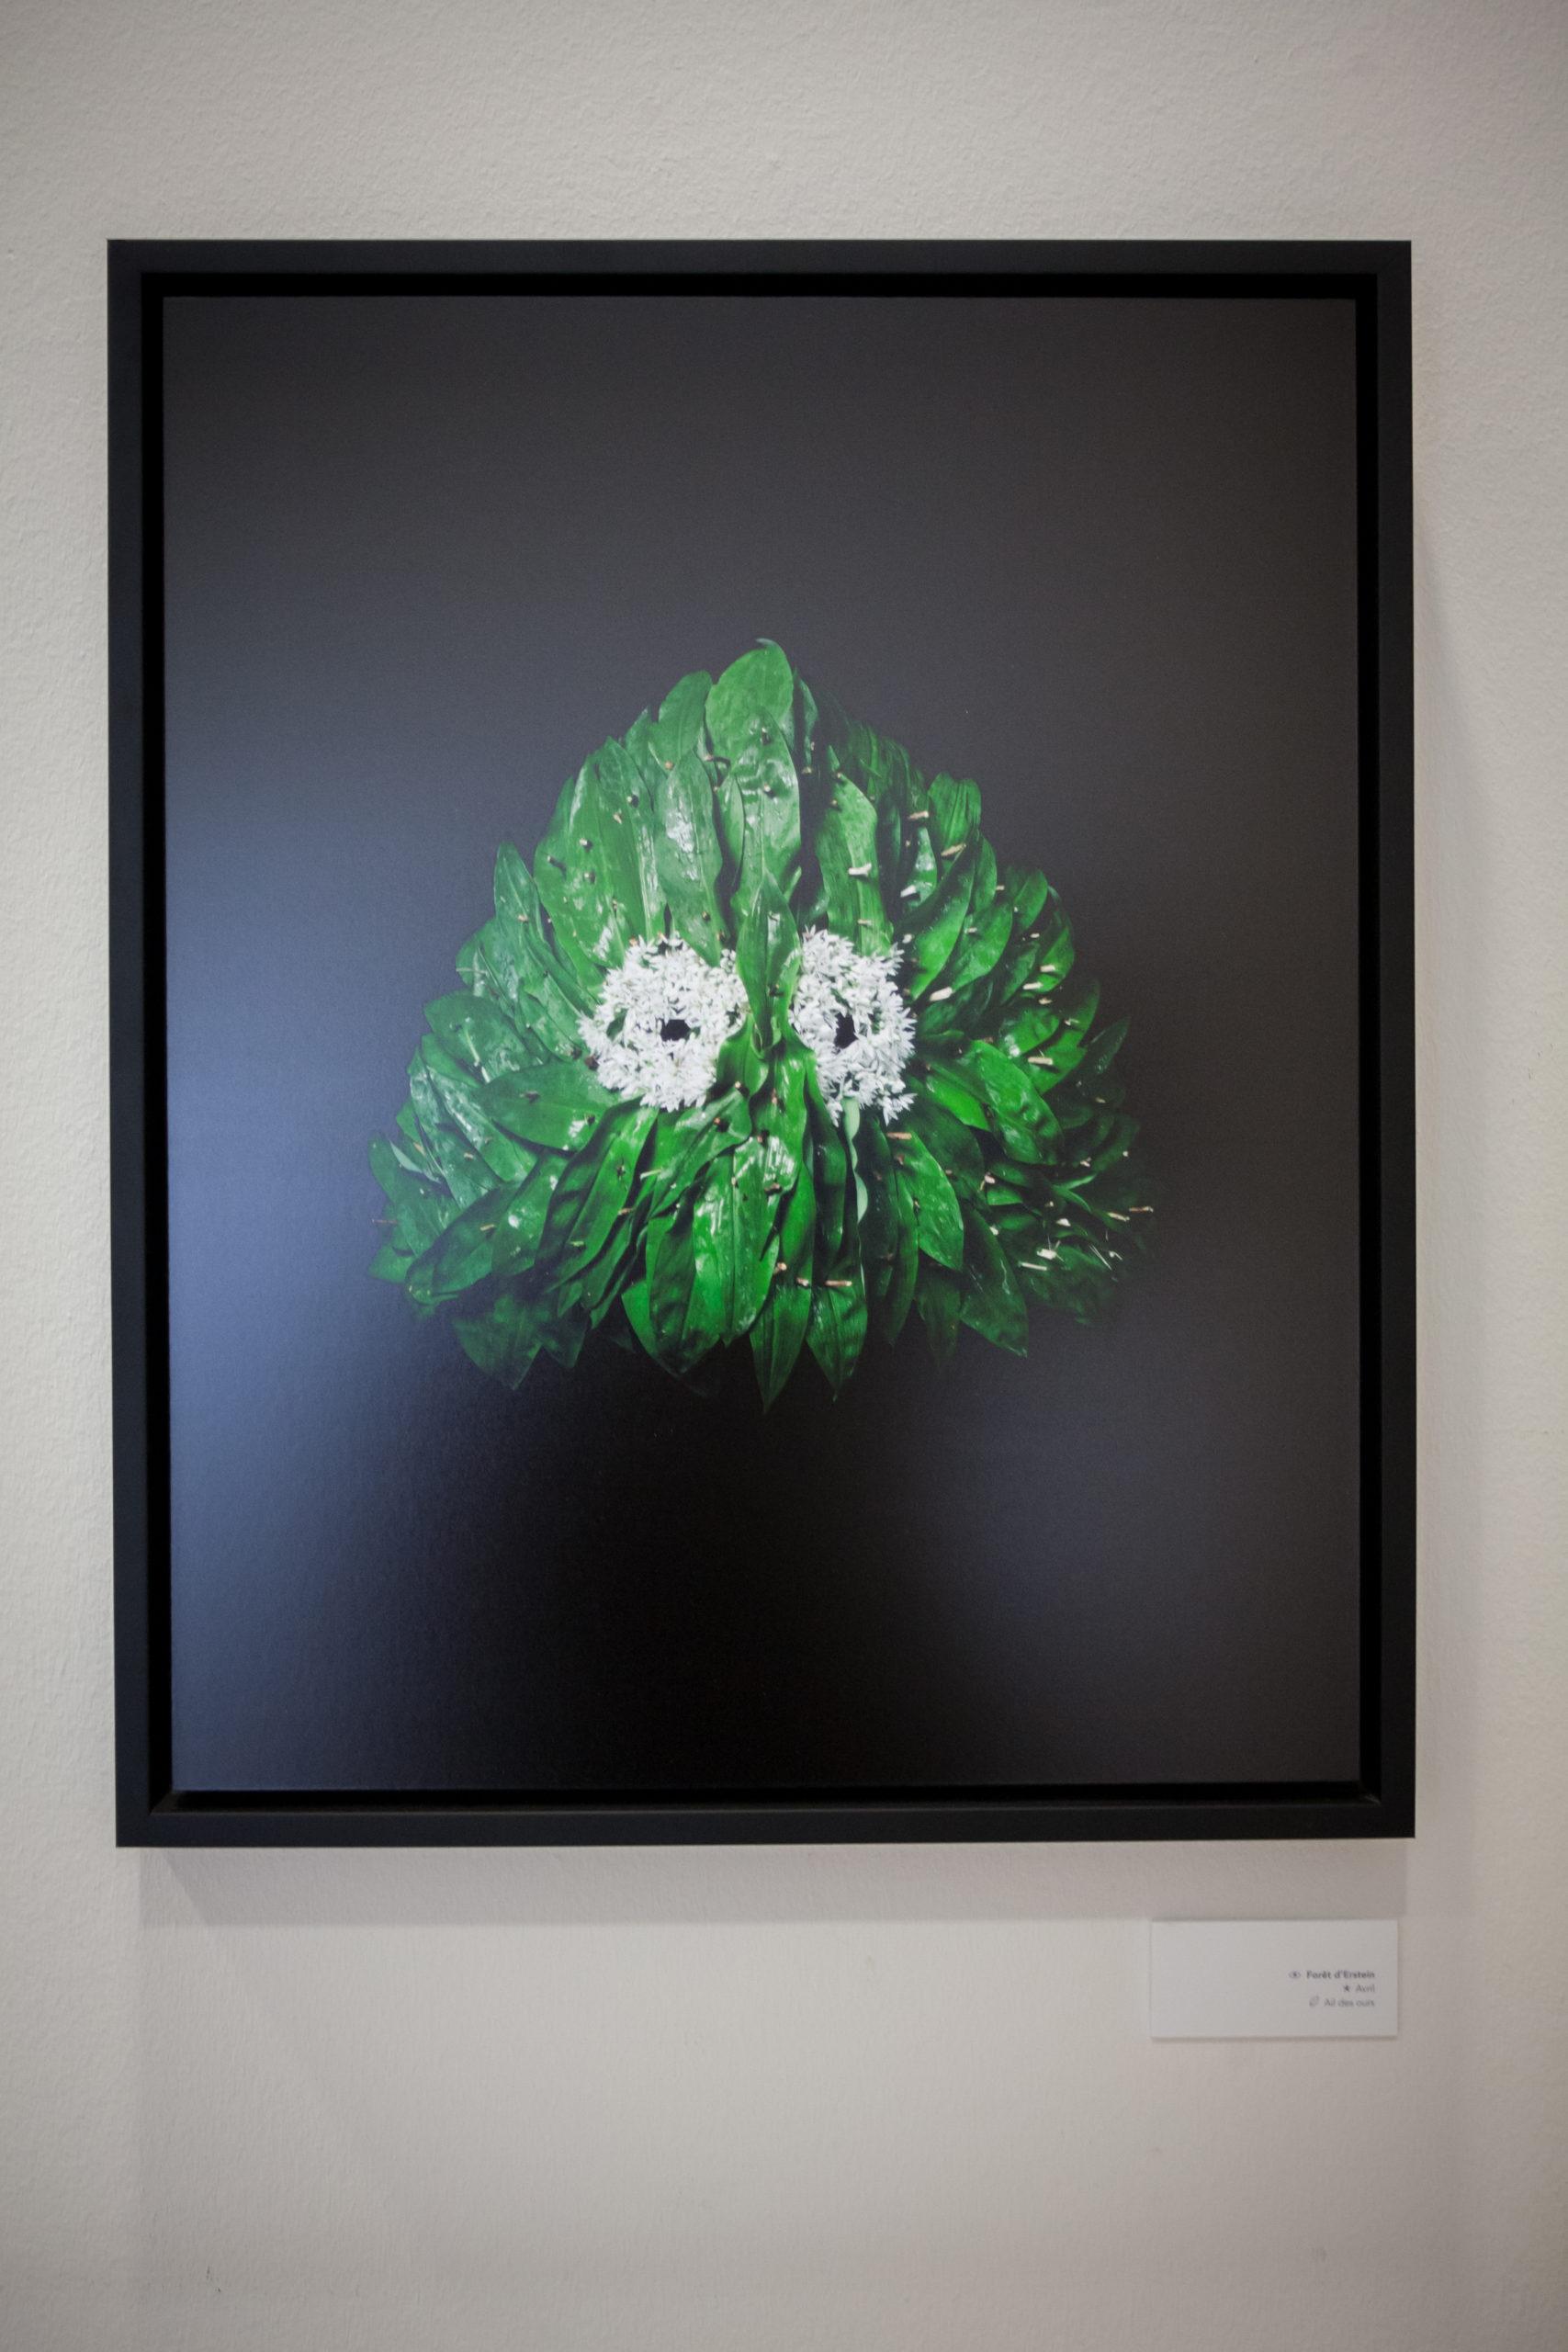 Photographie de masque du projet « Être(s » réalisé par l'artiste plasticien Hugo Mairelle et le photographe Vincent Muller